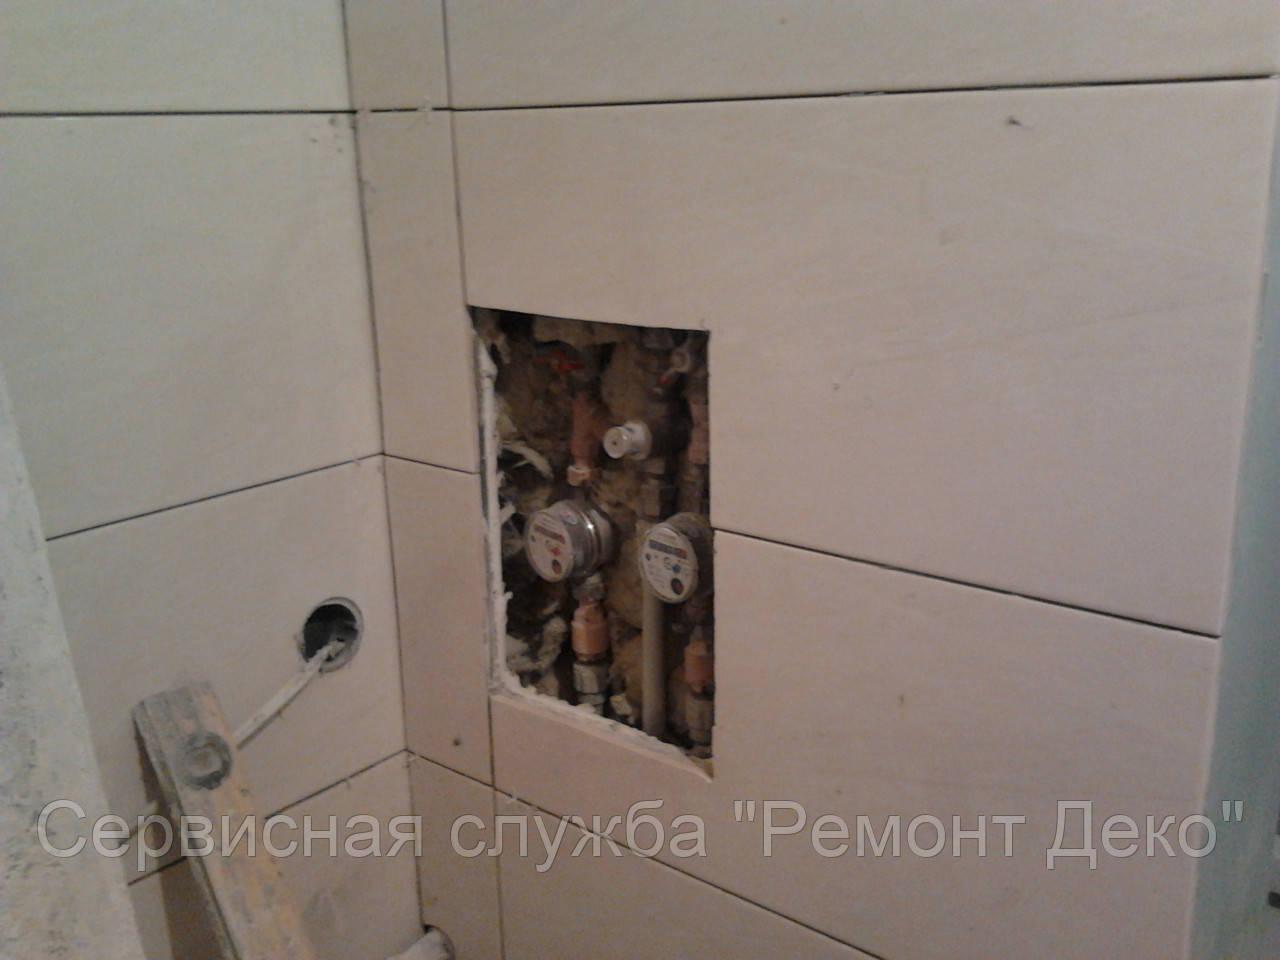 Установка лічильників води Дніпро. Заміна лічильників води в Дніпропетровську